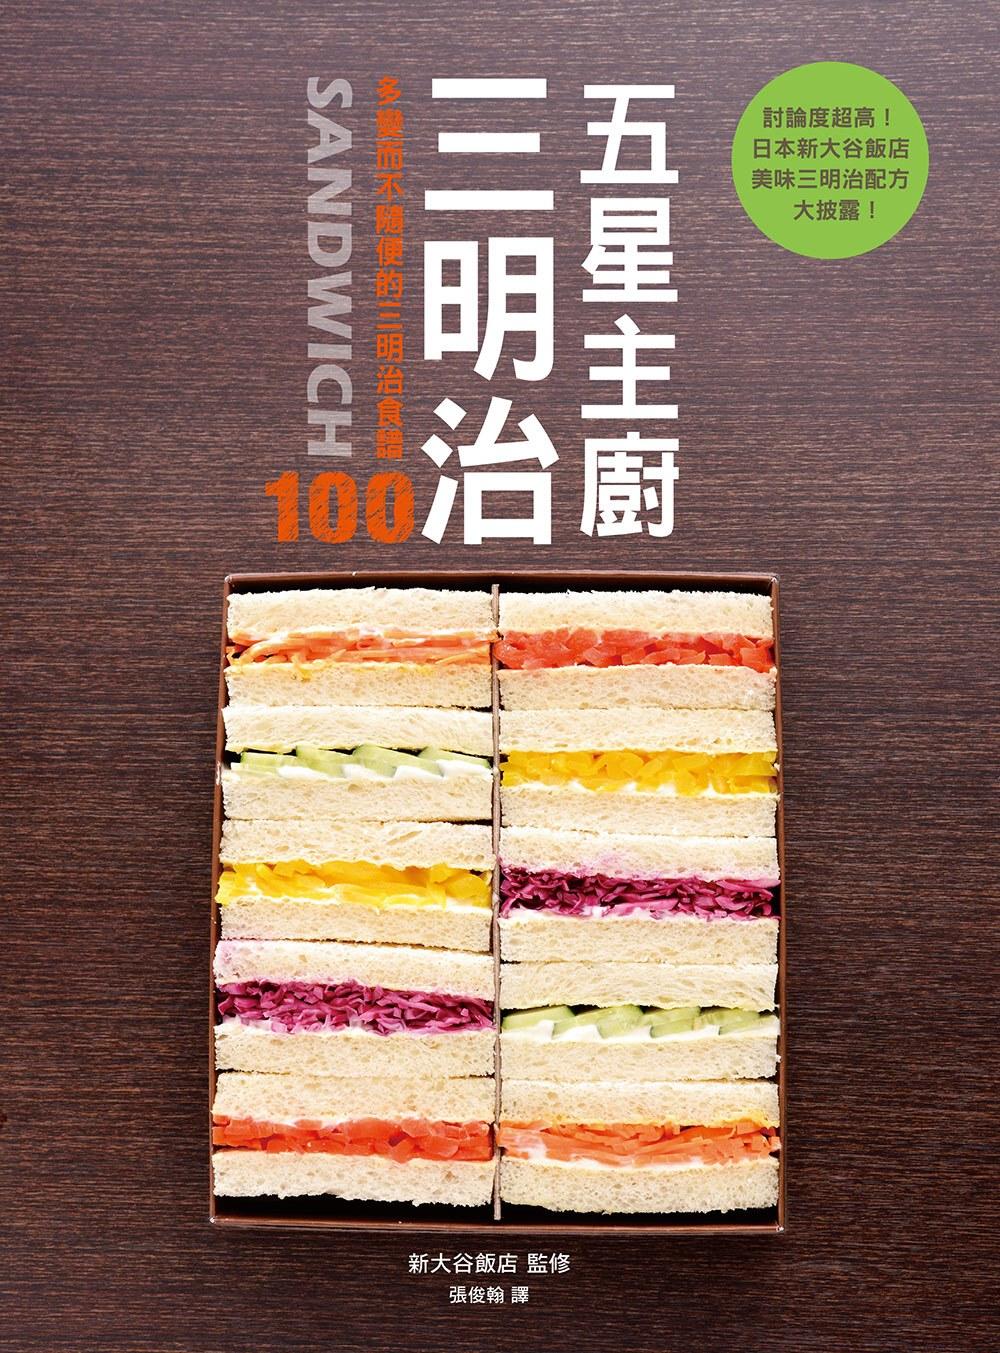 五星主廚三明治:日本知名新大谷飯店的人氣三明治配方大公開!自吃很幸福,宴客有面子,野餐帶著走!